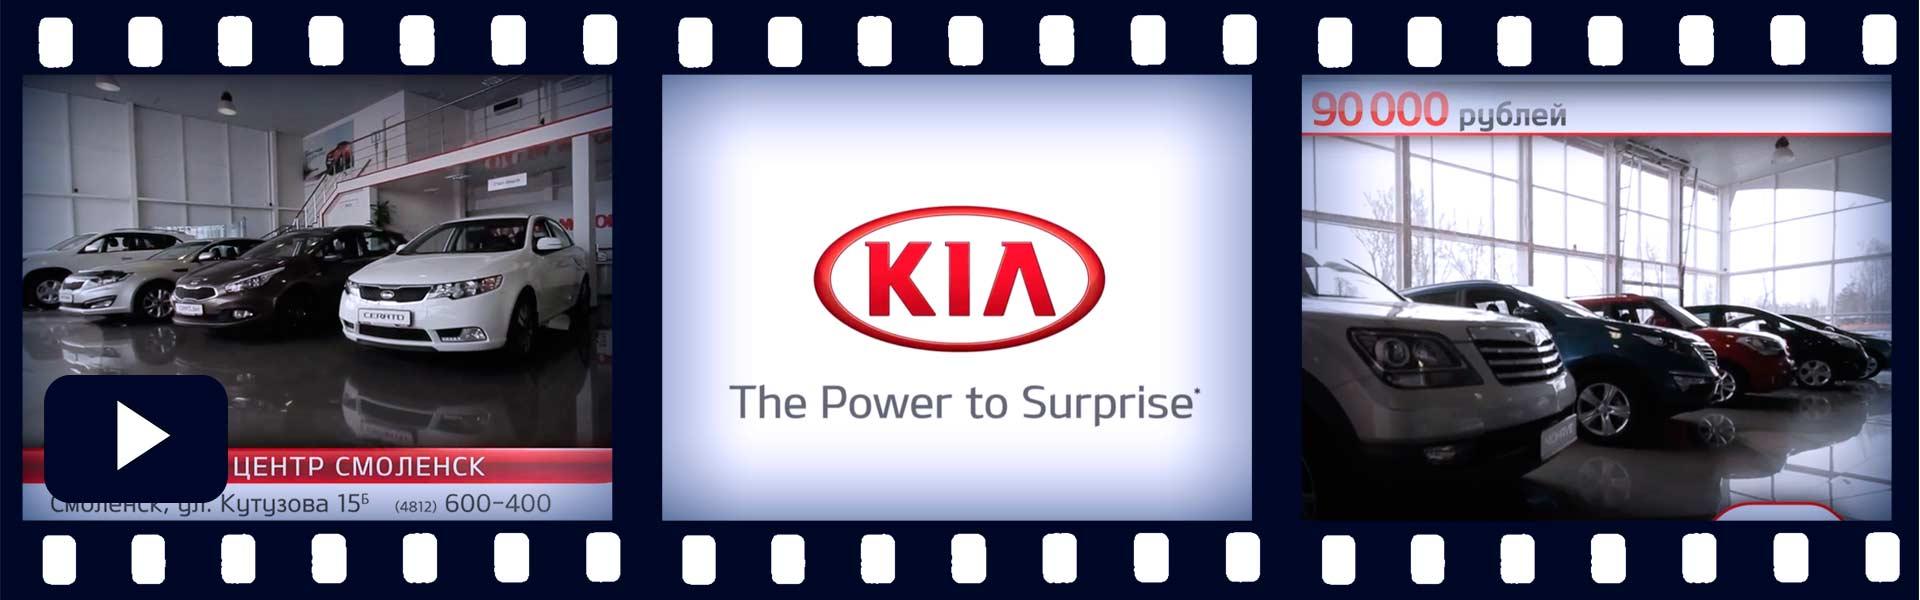 Телереклама автосалона «KIA»